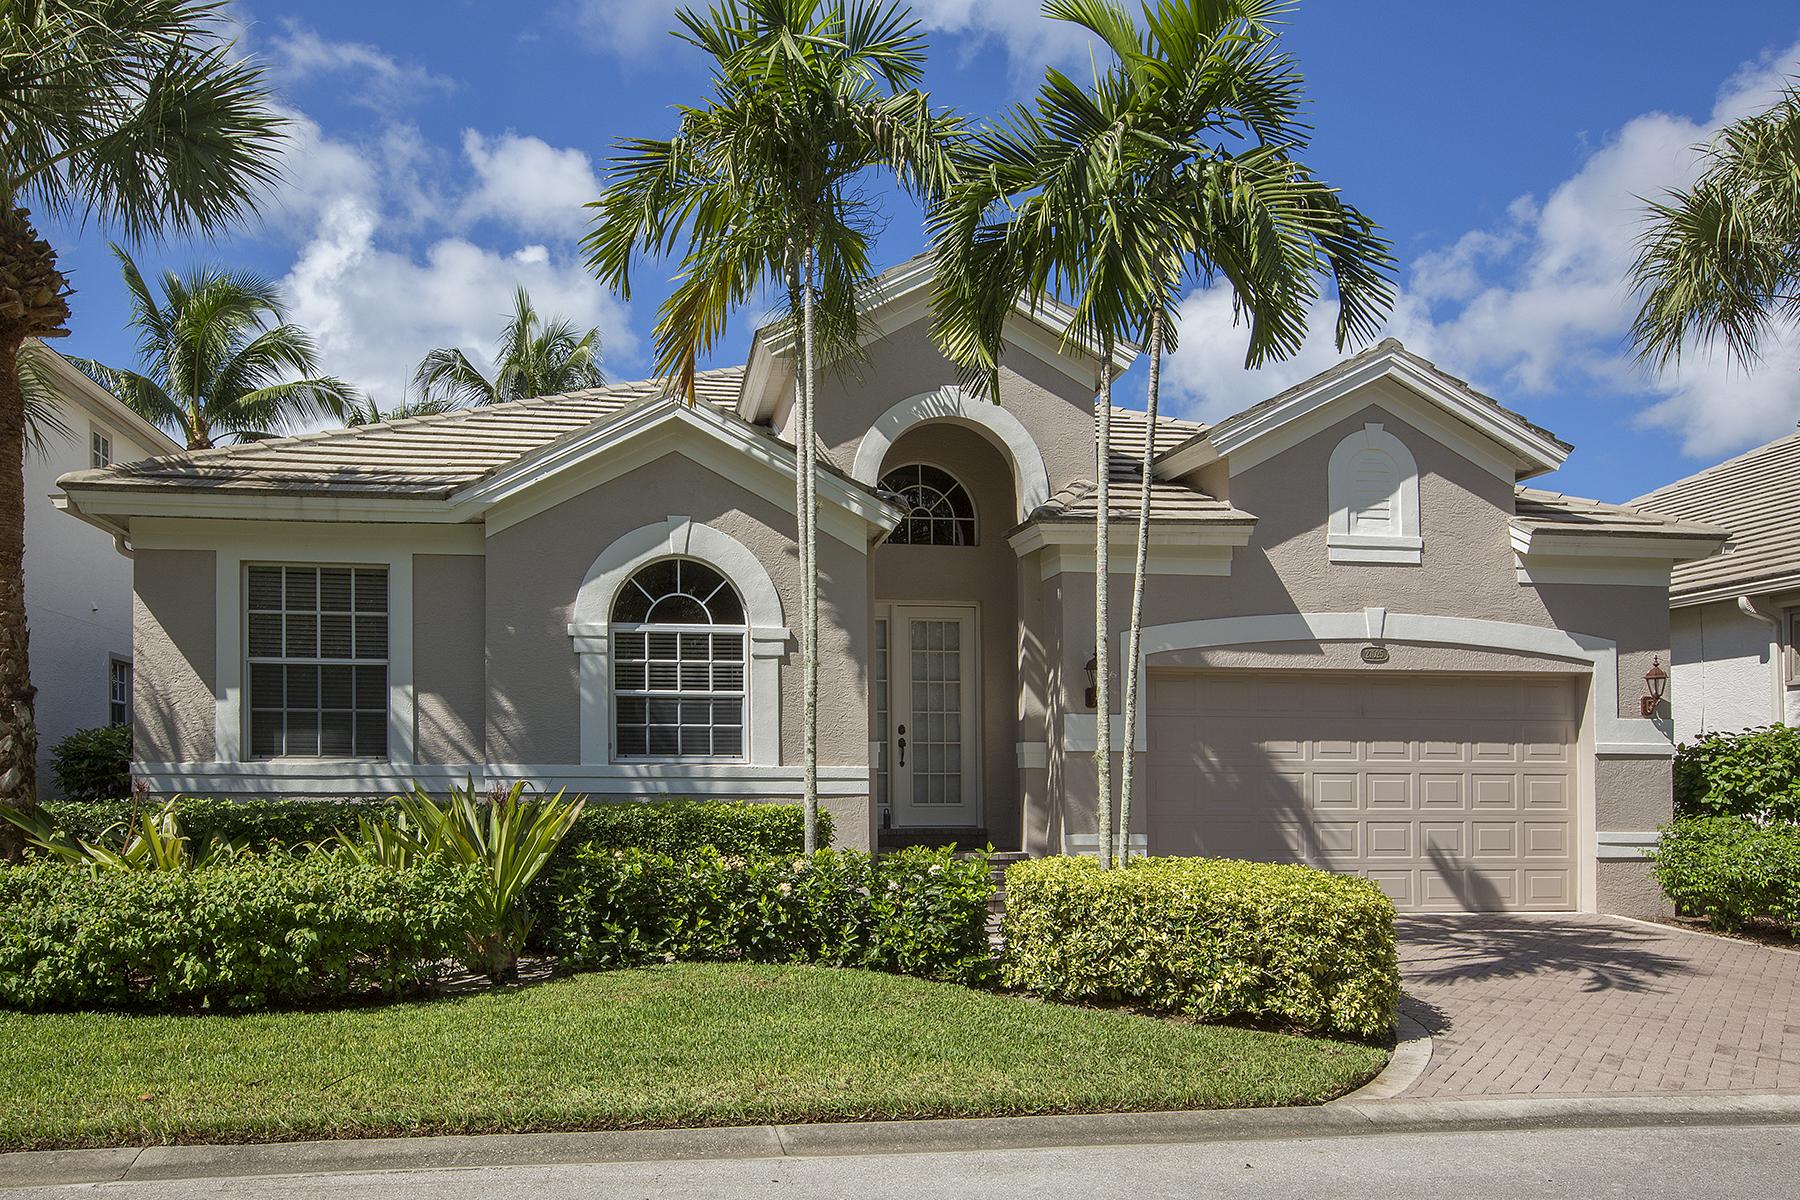 Single Family Home for Sale at BONITA BAY - BAY HARBOR 27025 Shell Ridge Cir, Bonita Springs, Florida 34134 United States